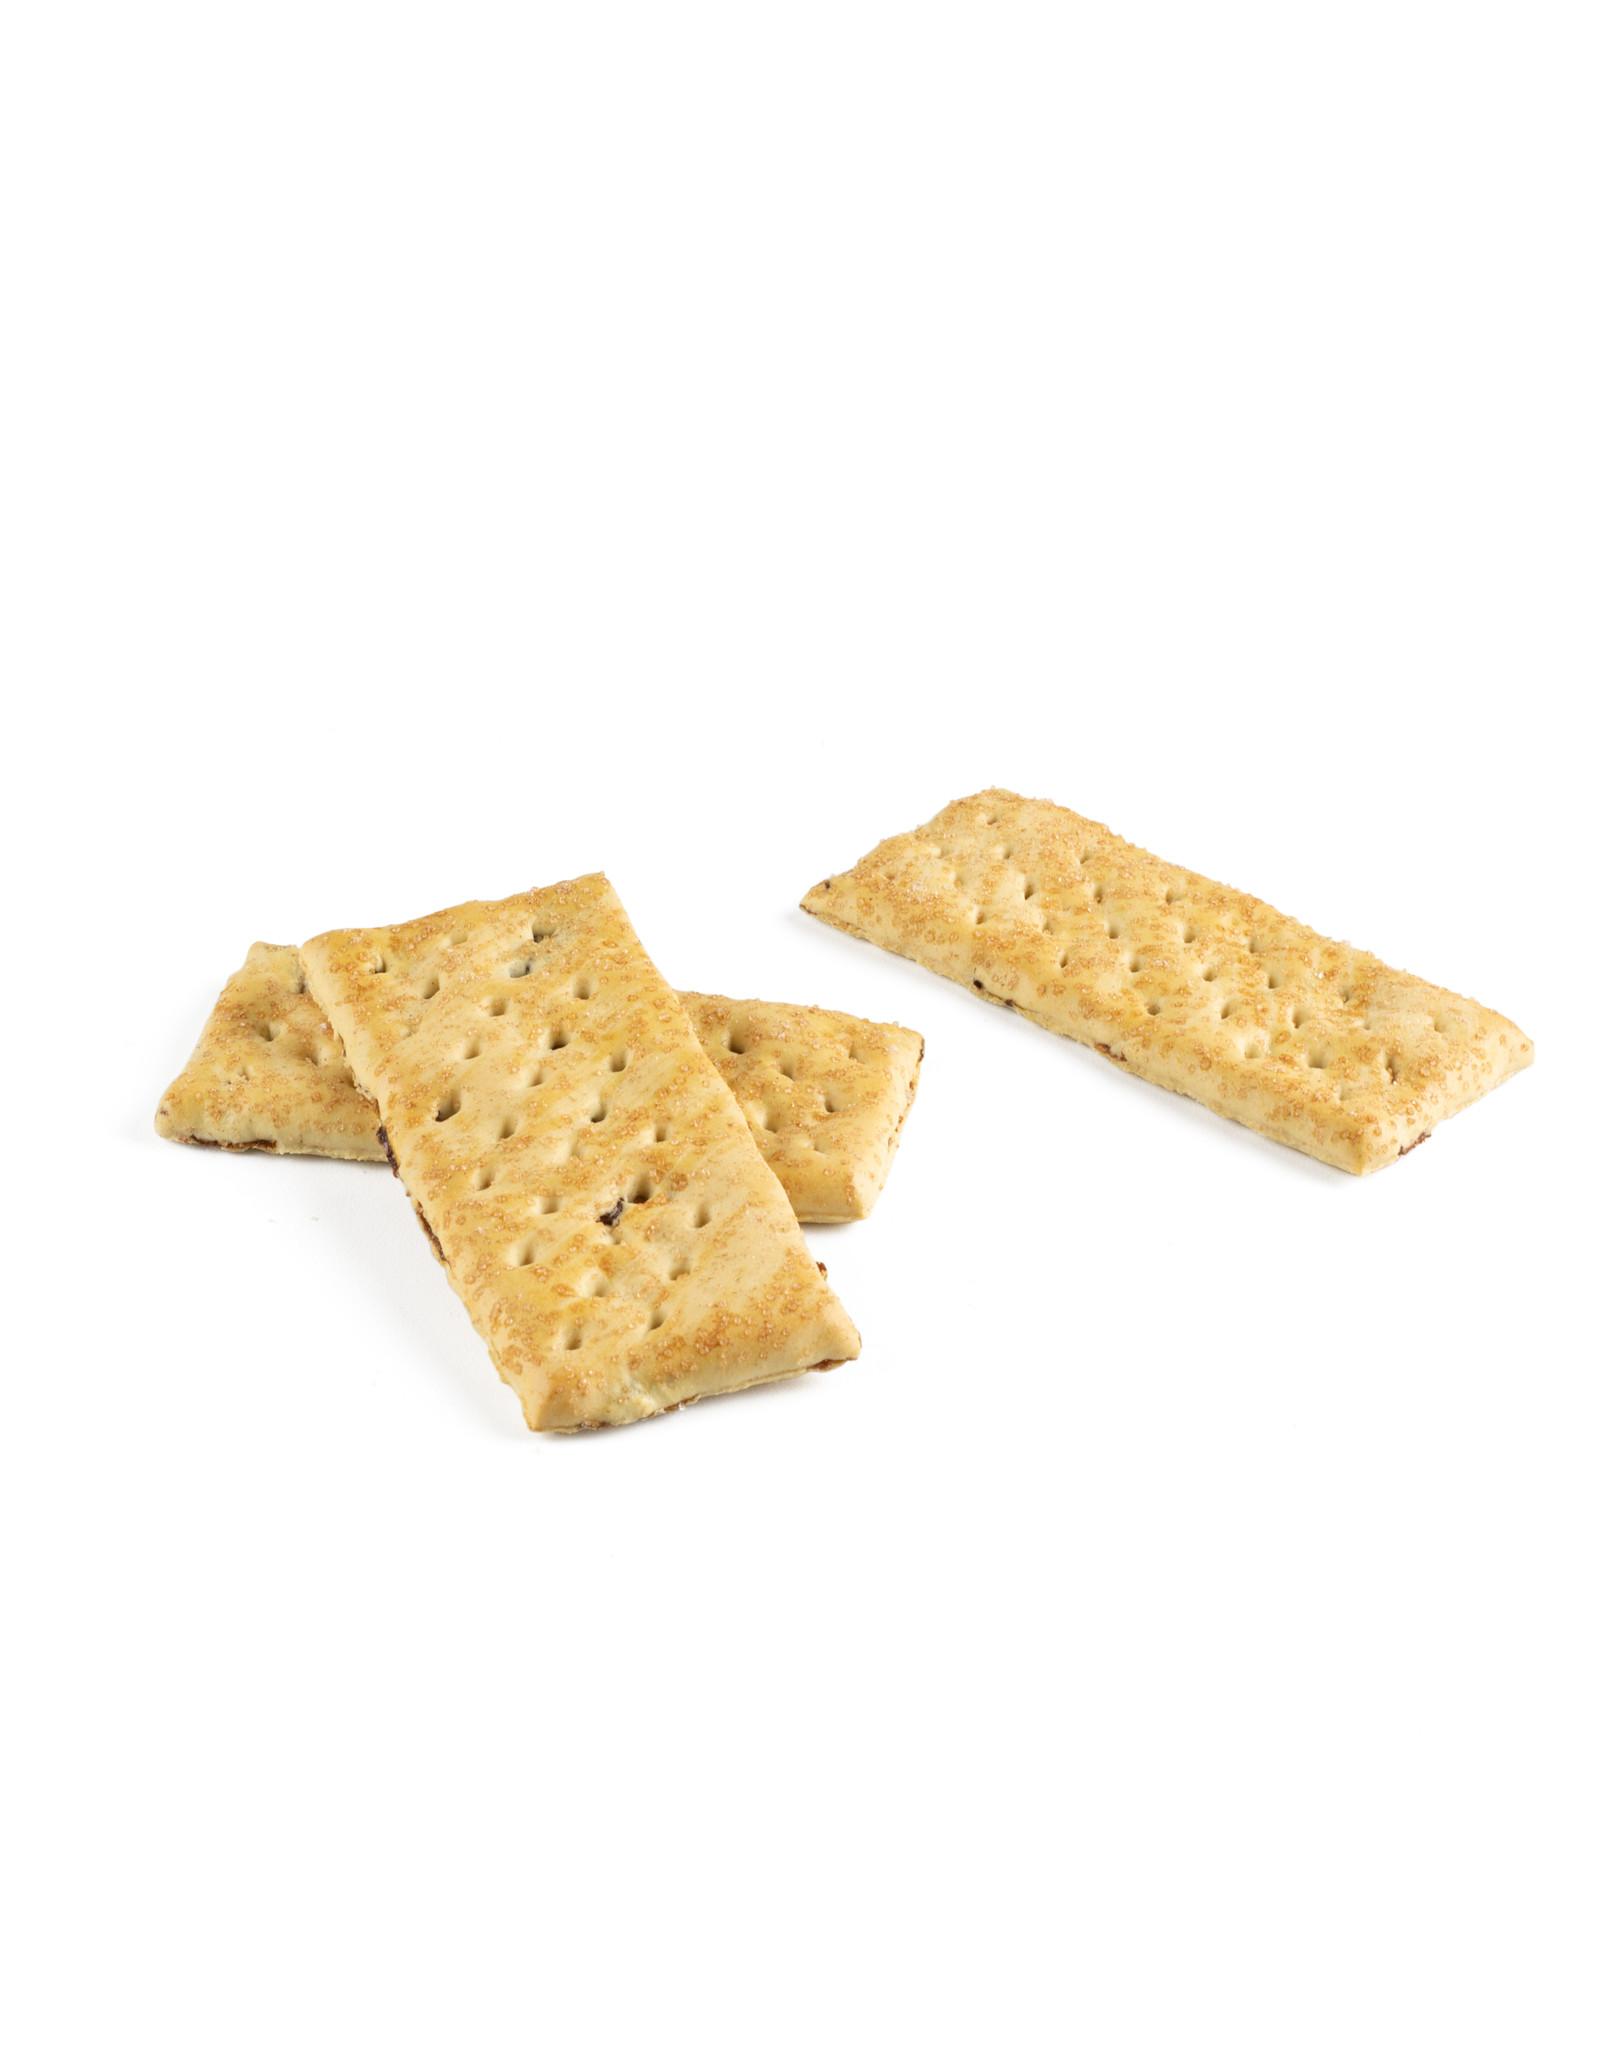 Hellema HELLEMA SunBest Fruit Biscuits ROZIJNEN & APPEL - 218 gram pakje